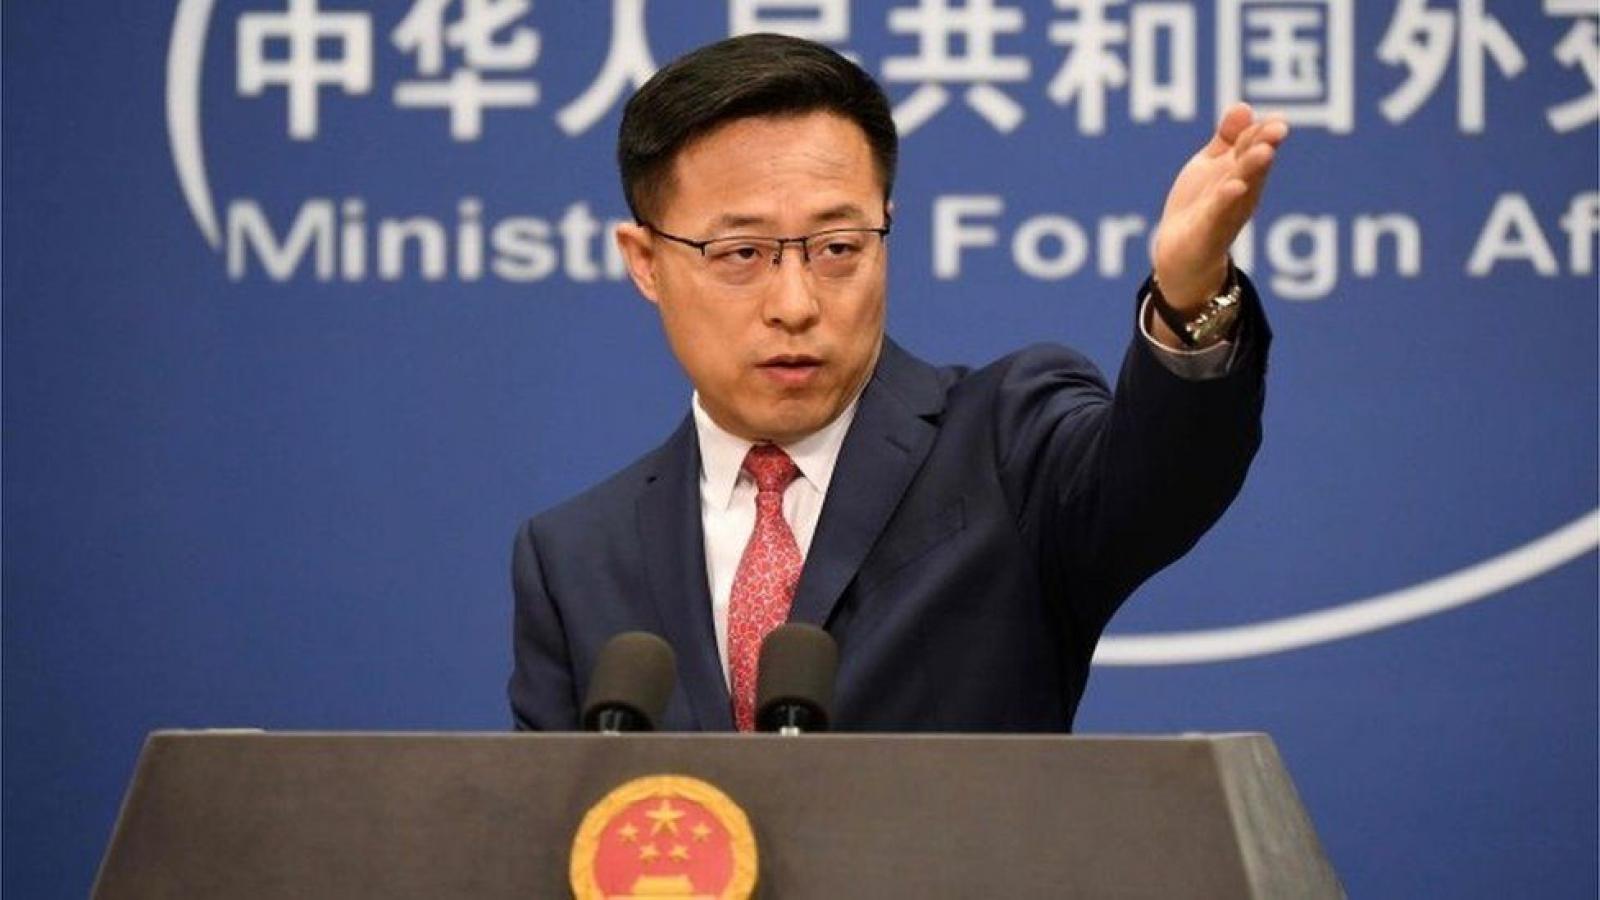 Trung Quốc tuyên bố đáp trả biện pháp trừng phạt của Mỹ nhằm vào quan chức nước này